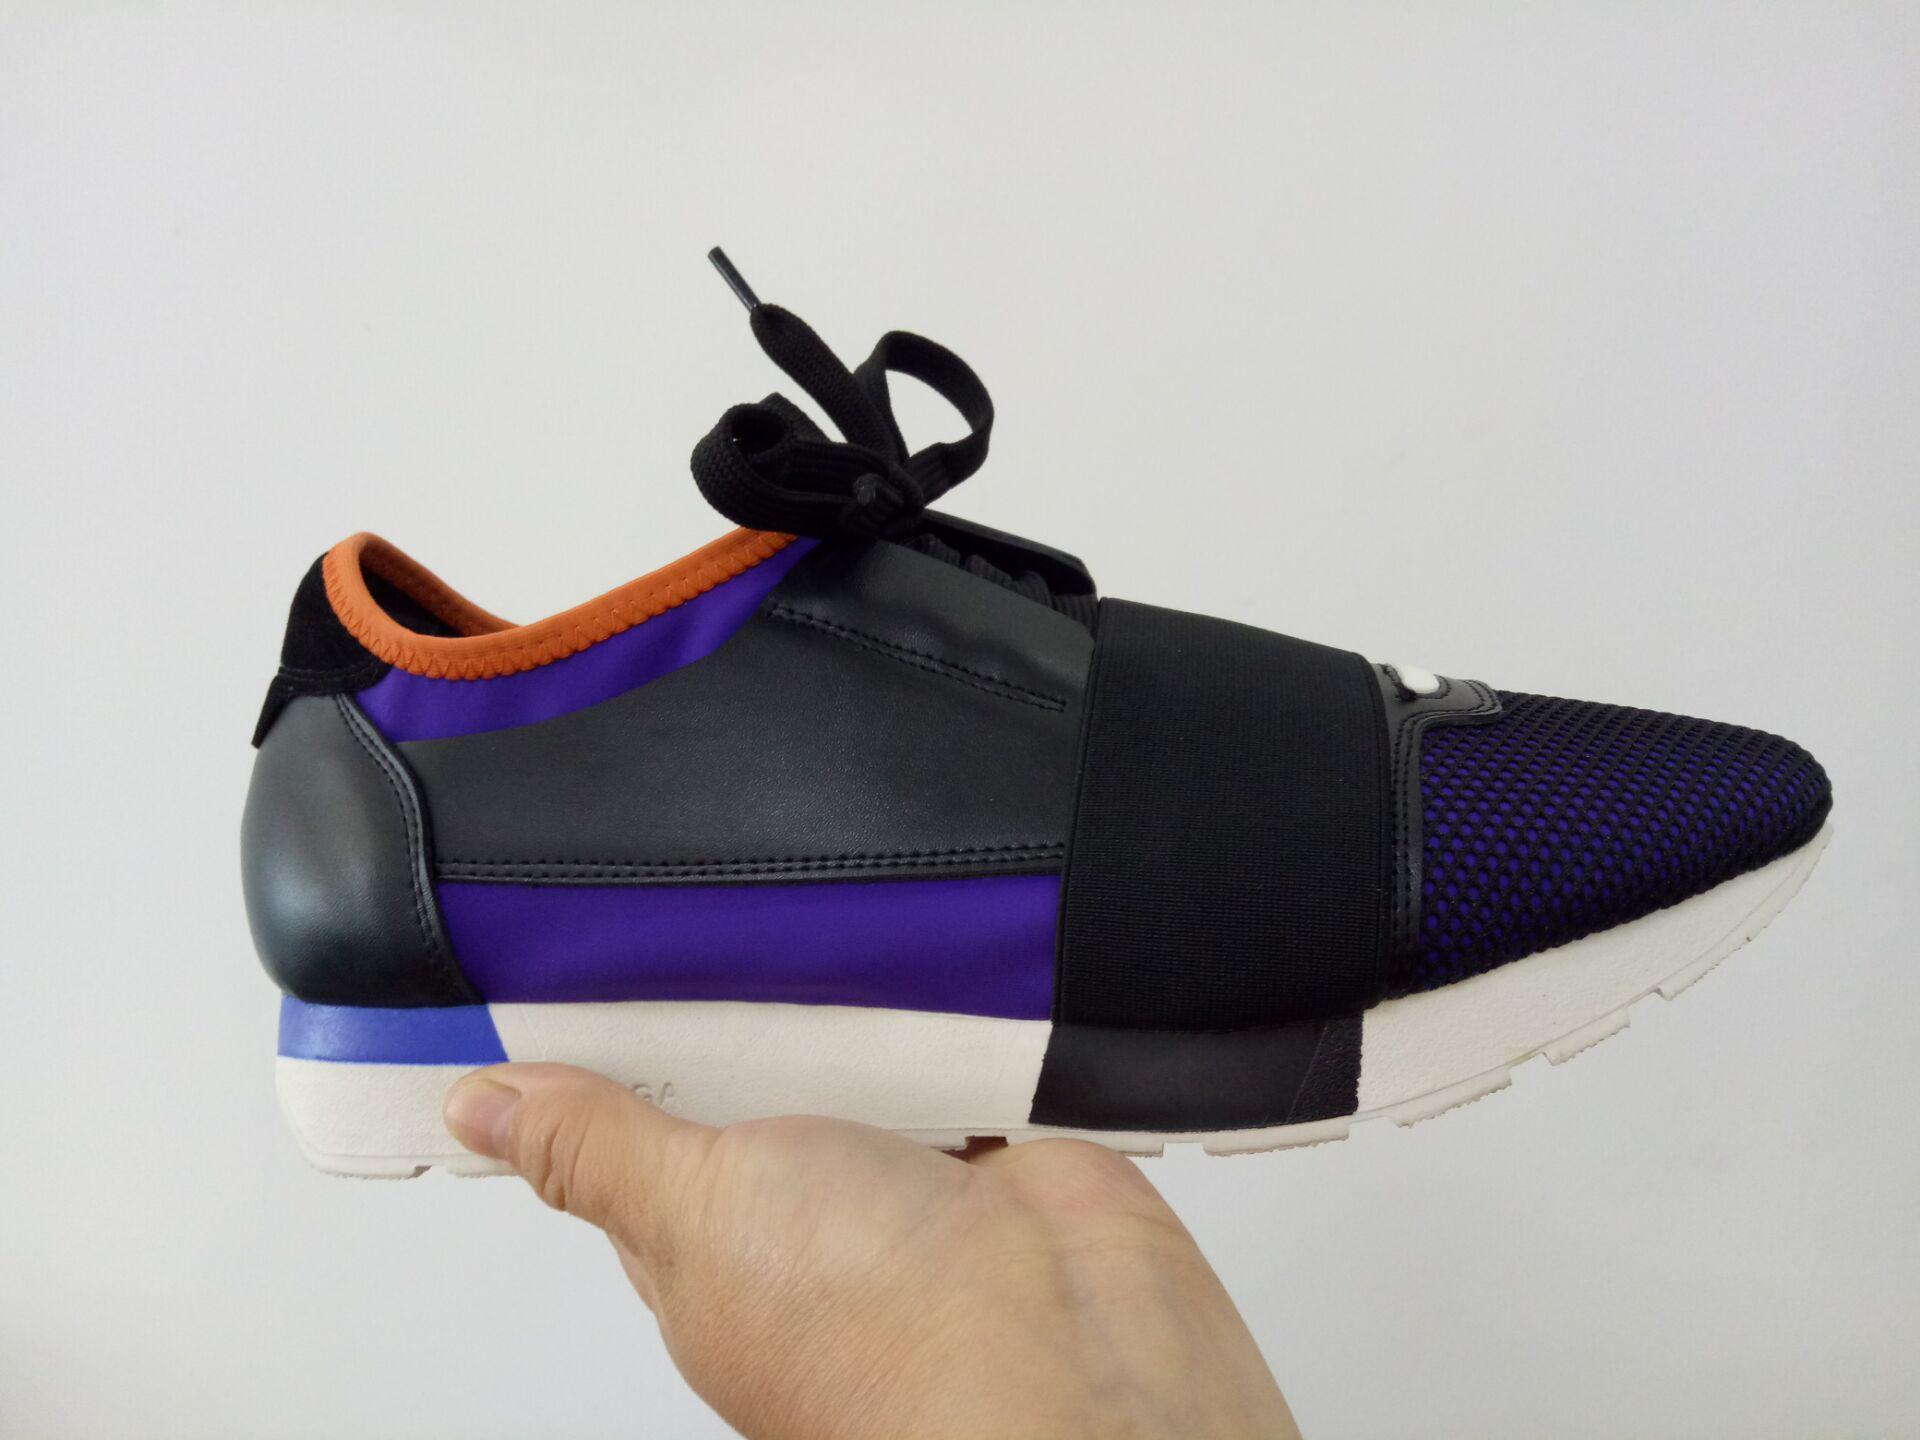 Vendere a buon mercato di alta qualità della moda di Parigi pattini casuali Kanye West Uomo Donna Fashion Low-Top Sneakers progettista del cuoio genuino T18 libera il trasporto